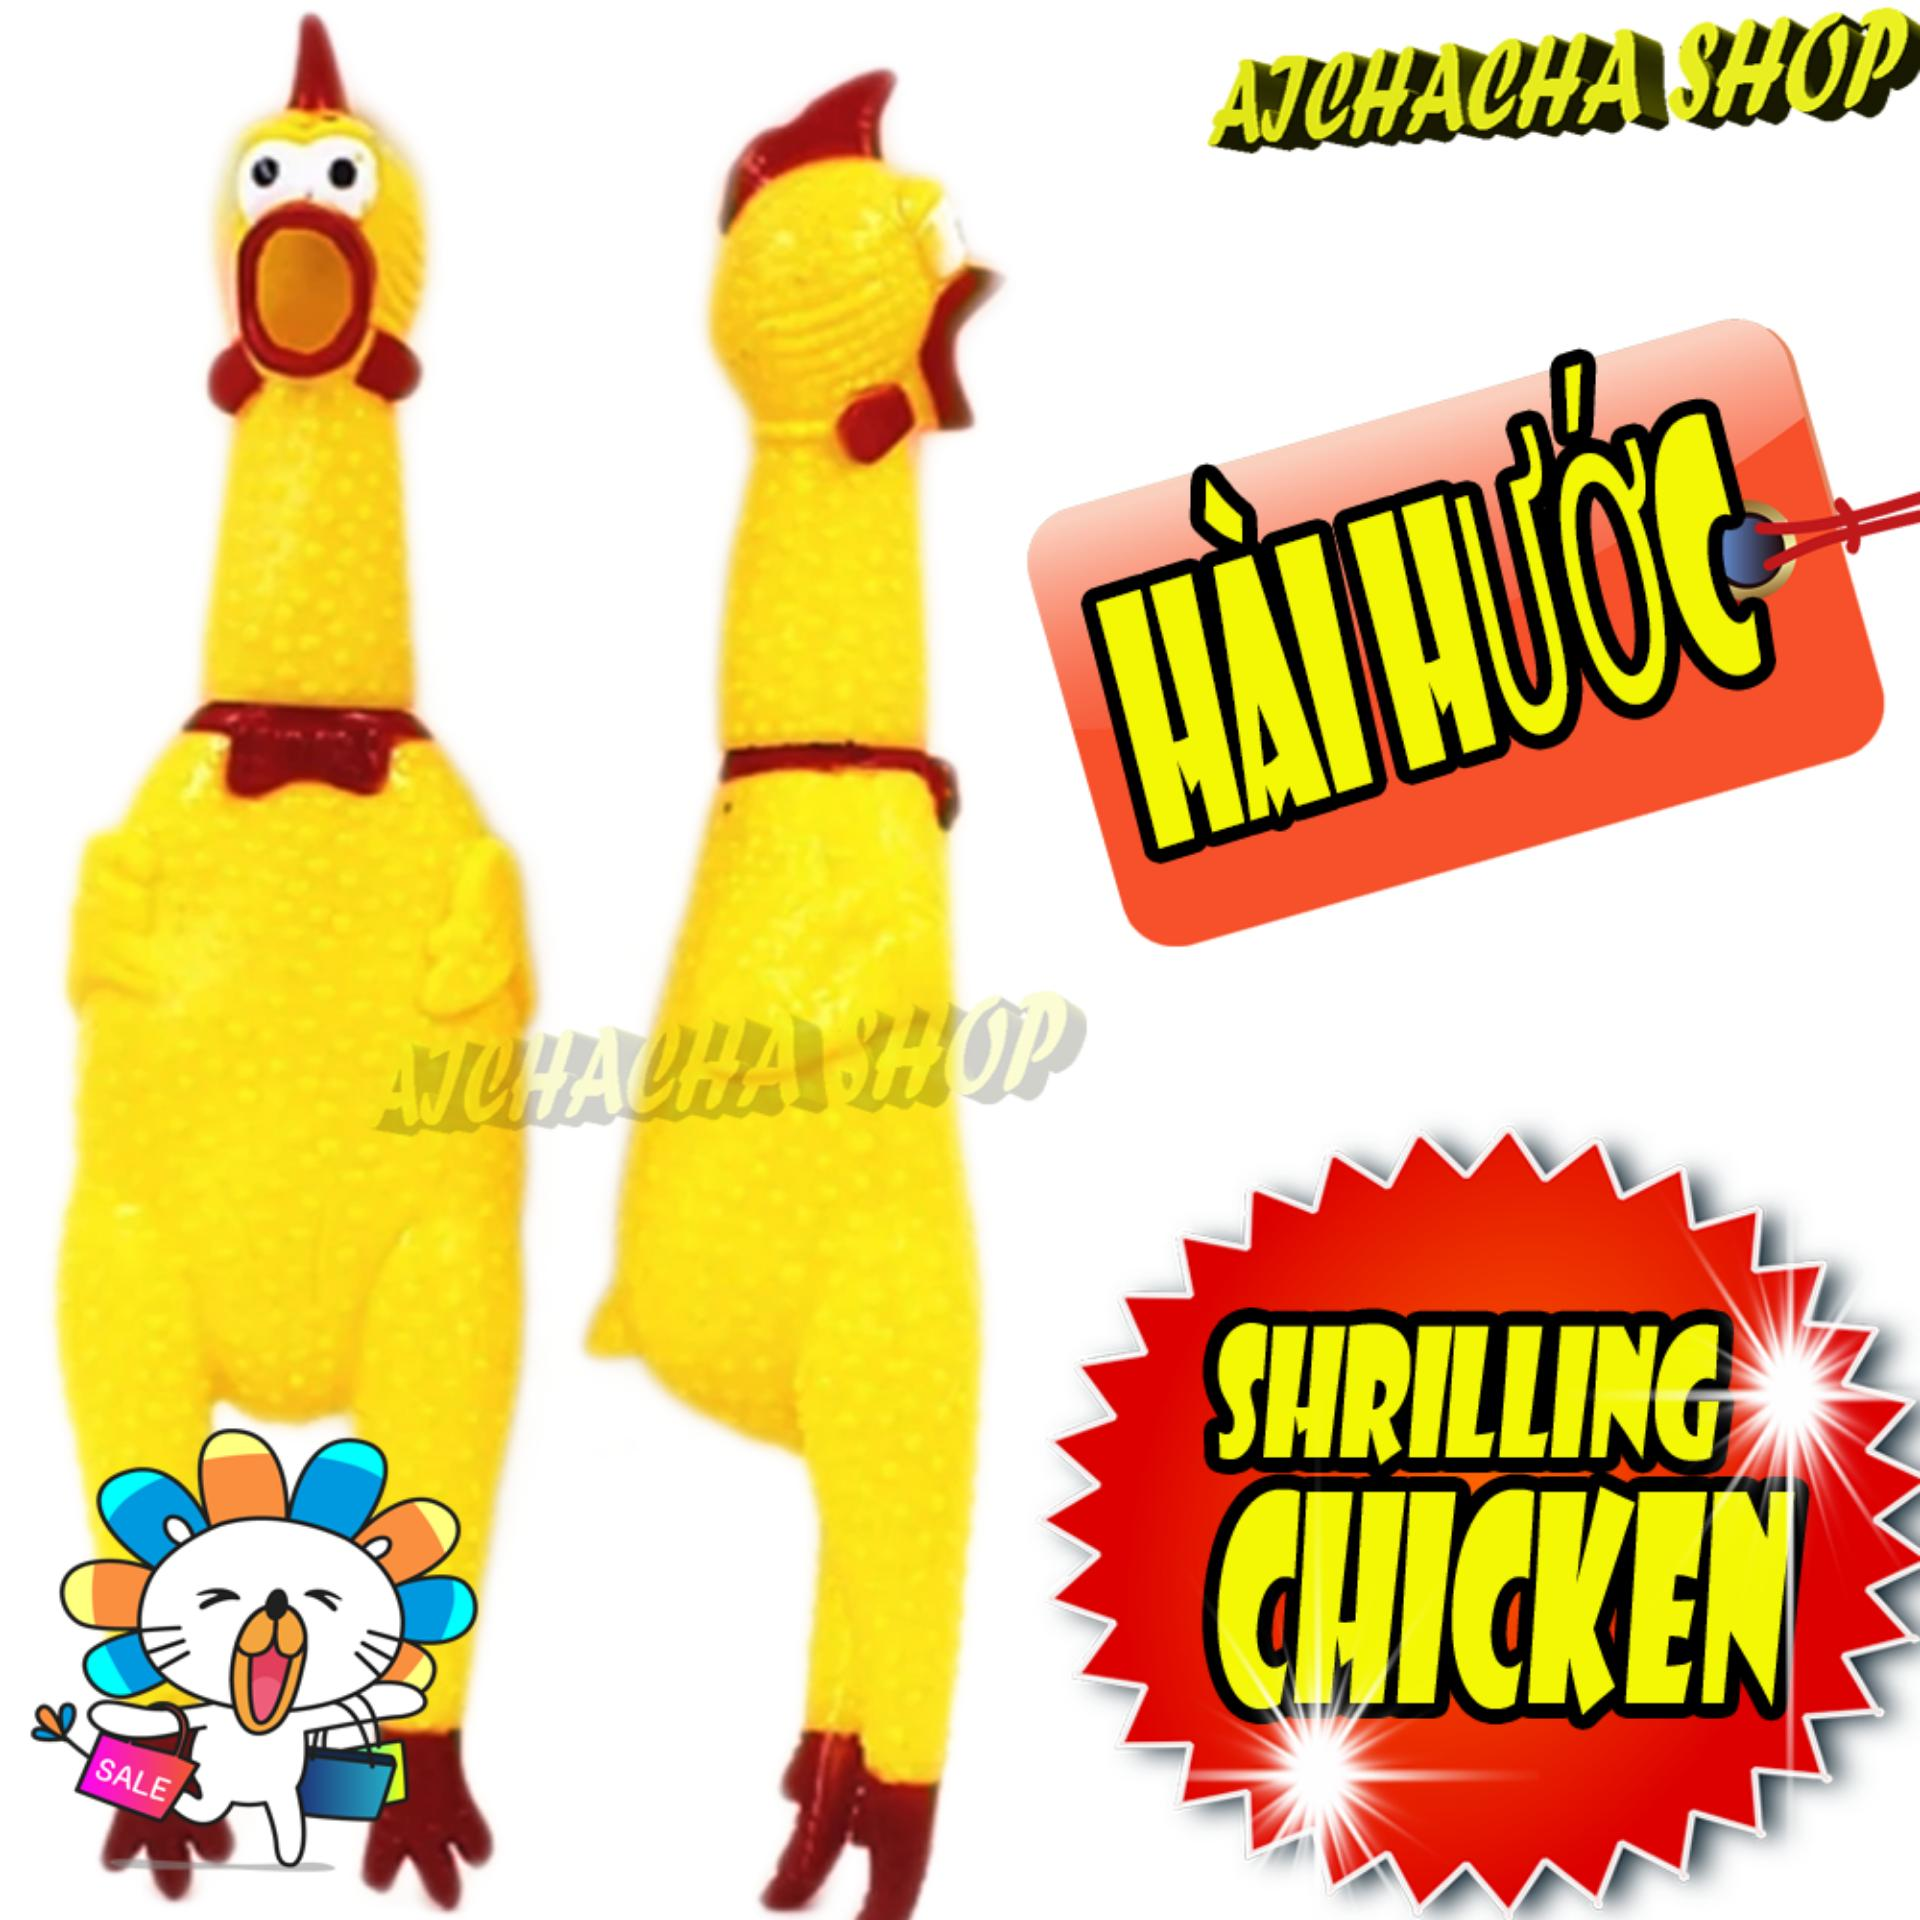 Gà bóp kêu Shrilling Chicken món quà tặng hài hước 31cm (có video)-aichacha shop